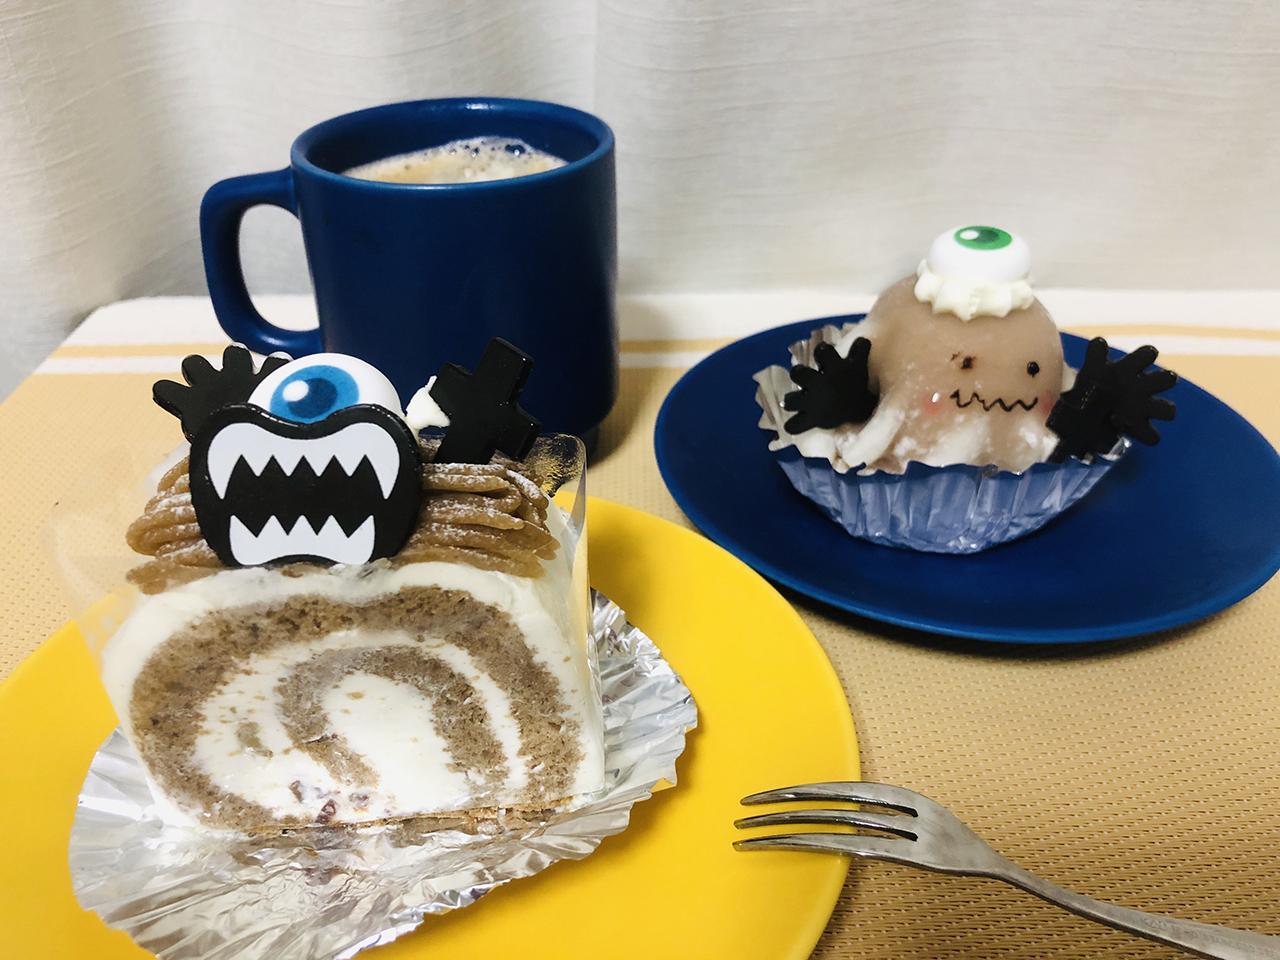 モンスターケーキの写真